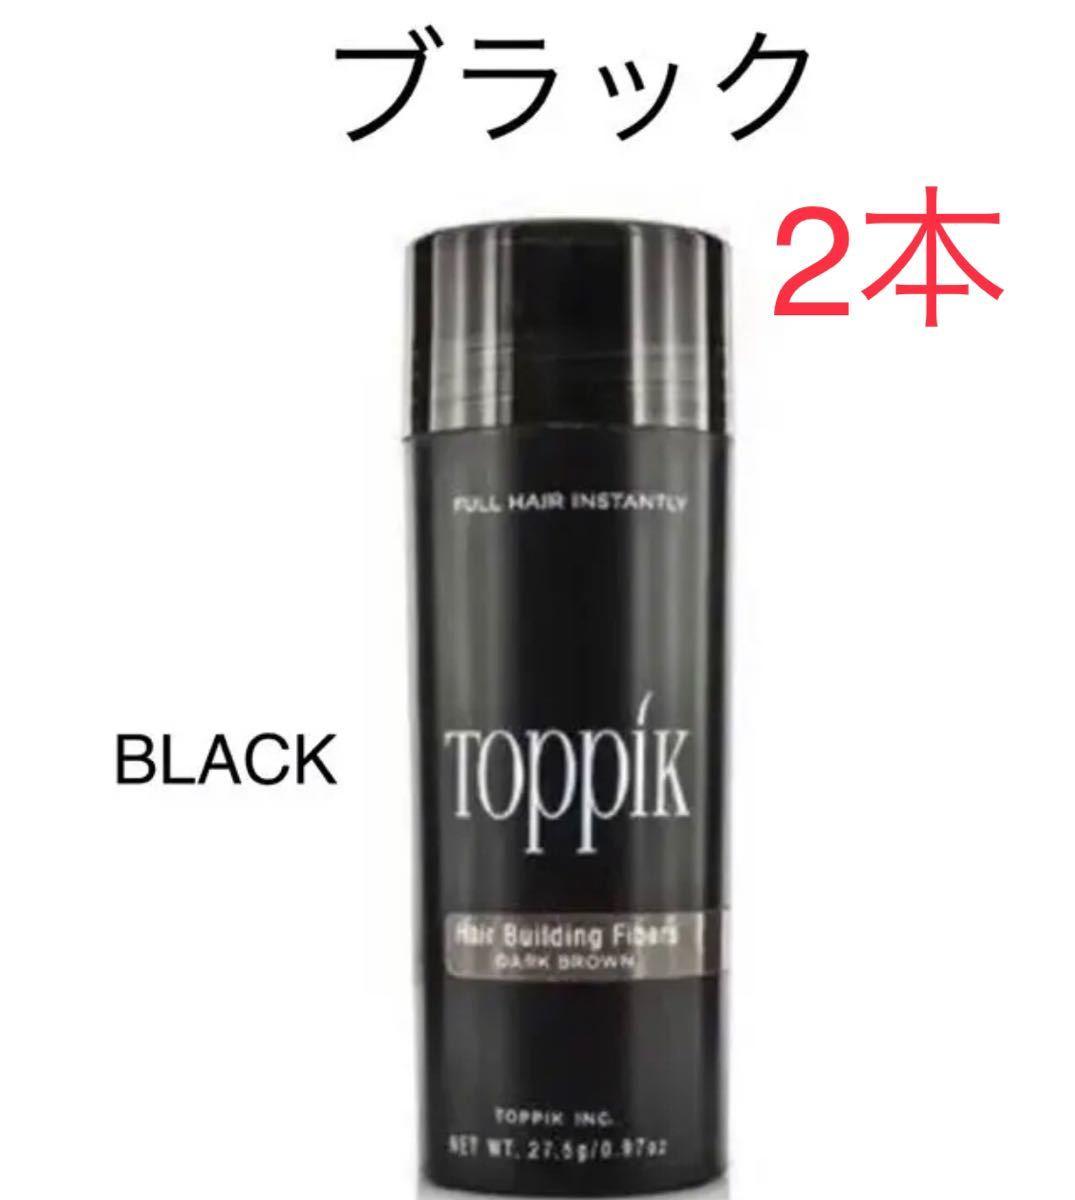 【黒】toppik  トピック (2本)/ 増毛パウダー 薄毛 ケラチンパウダー